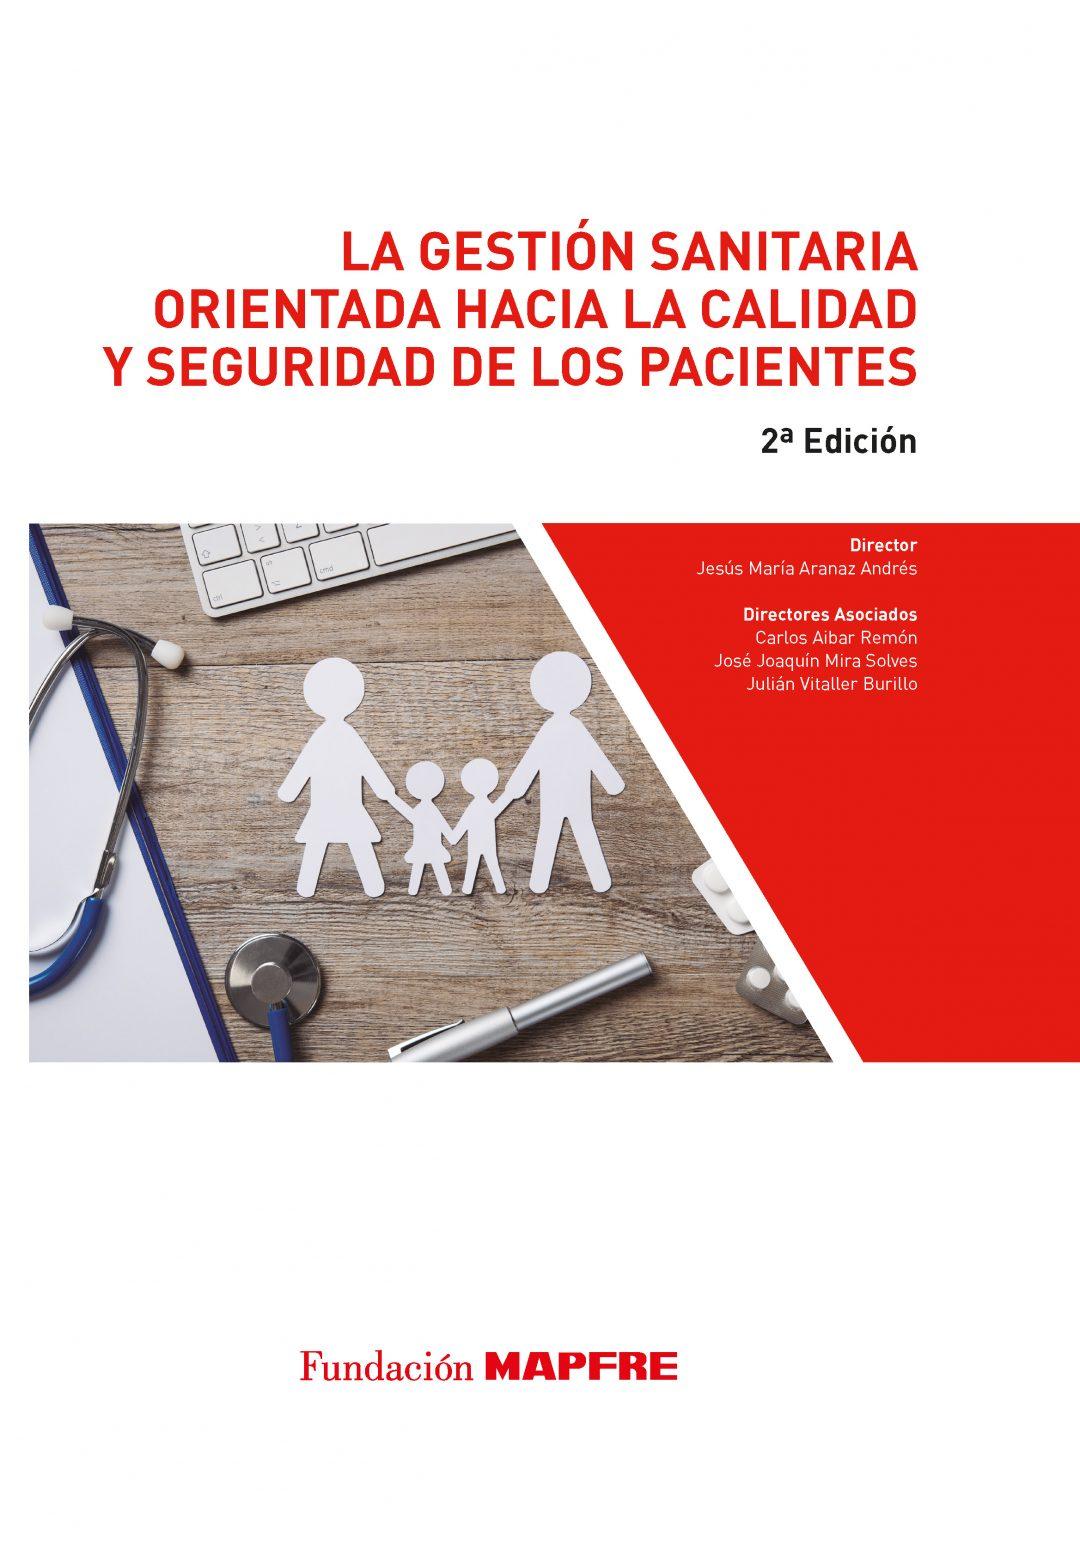 La gestión sanitaria orientada hacia la calidad y seguridad de los pacientes